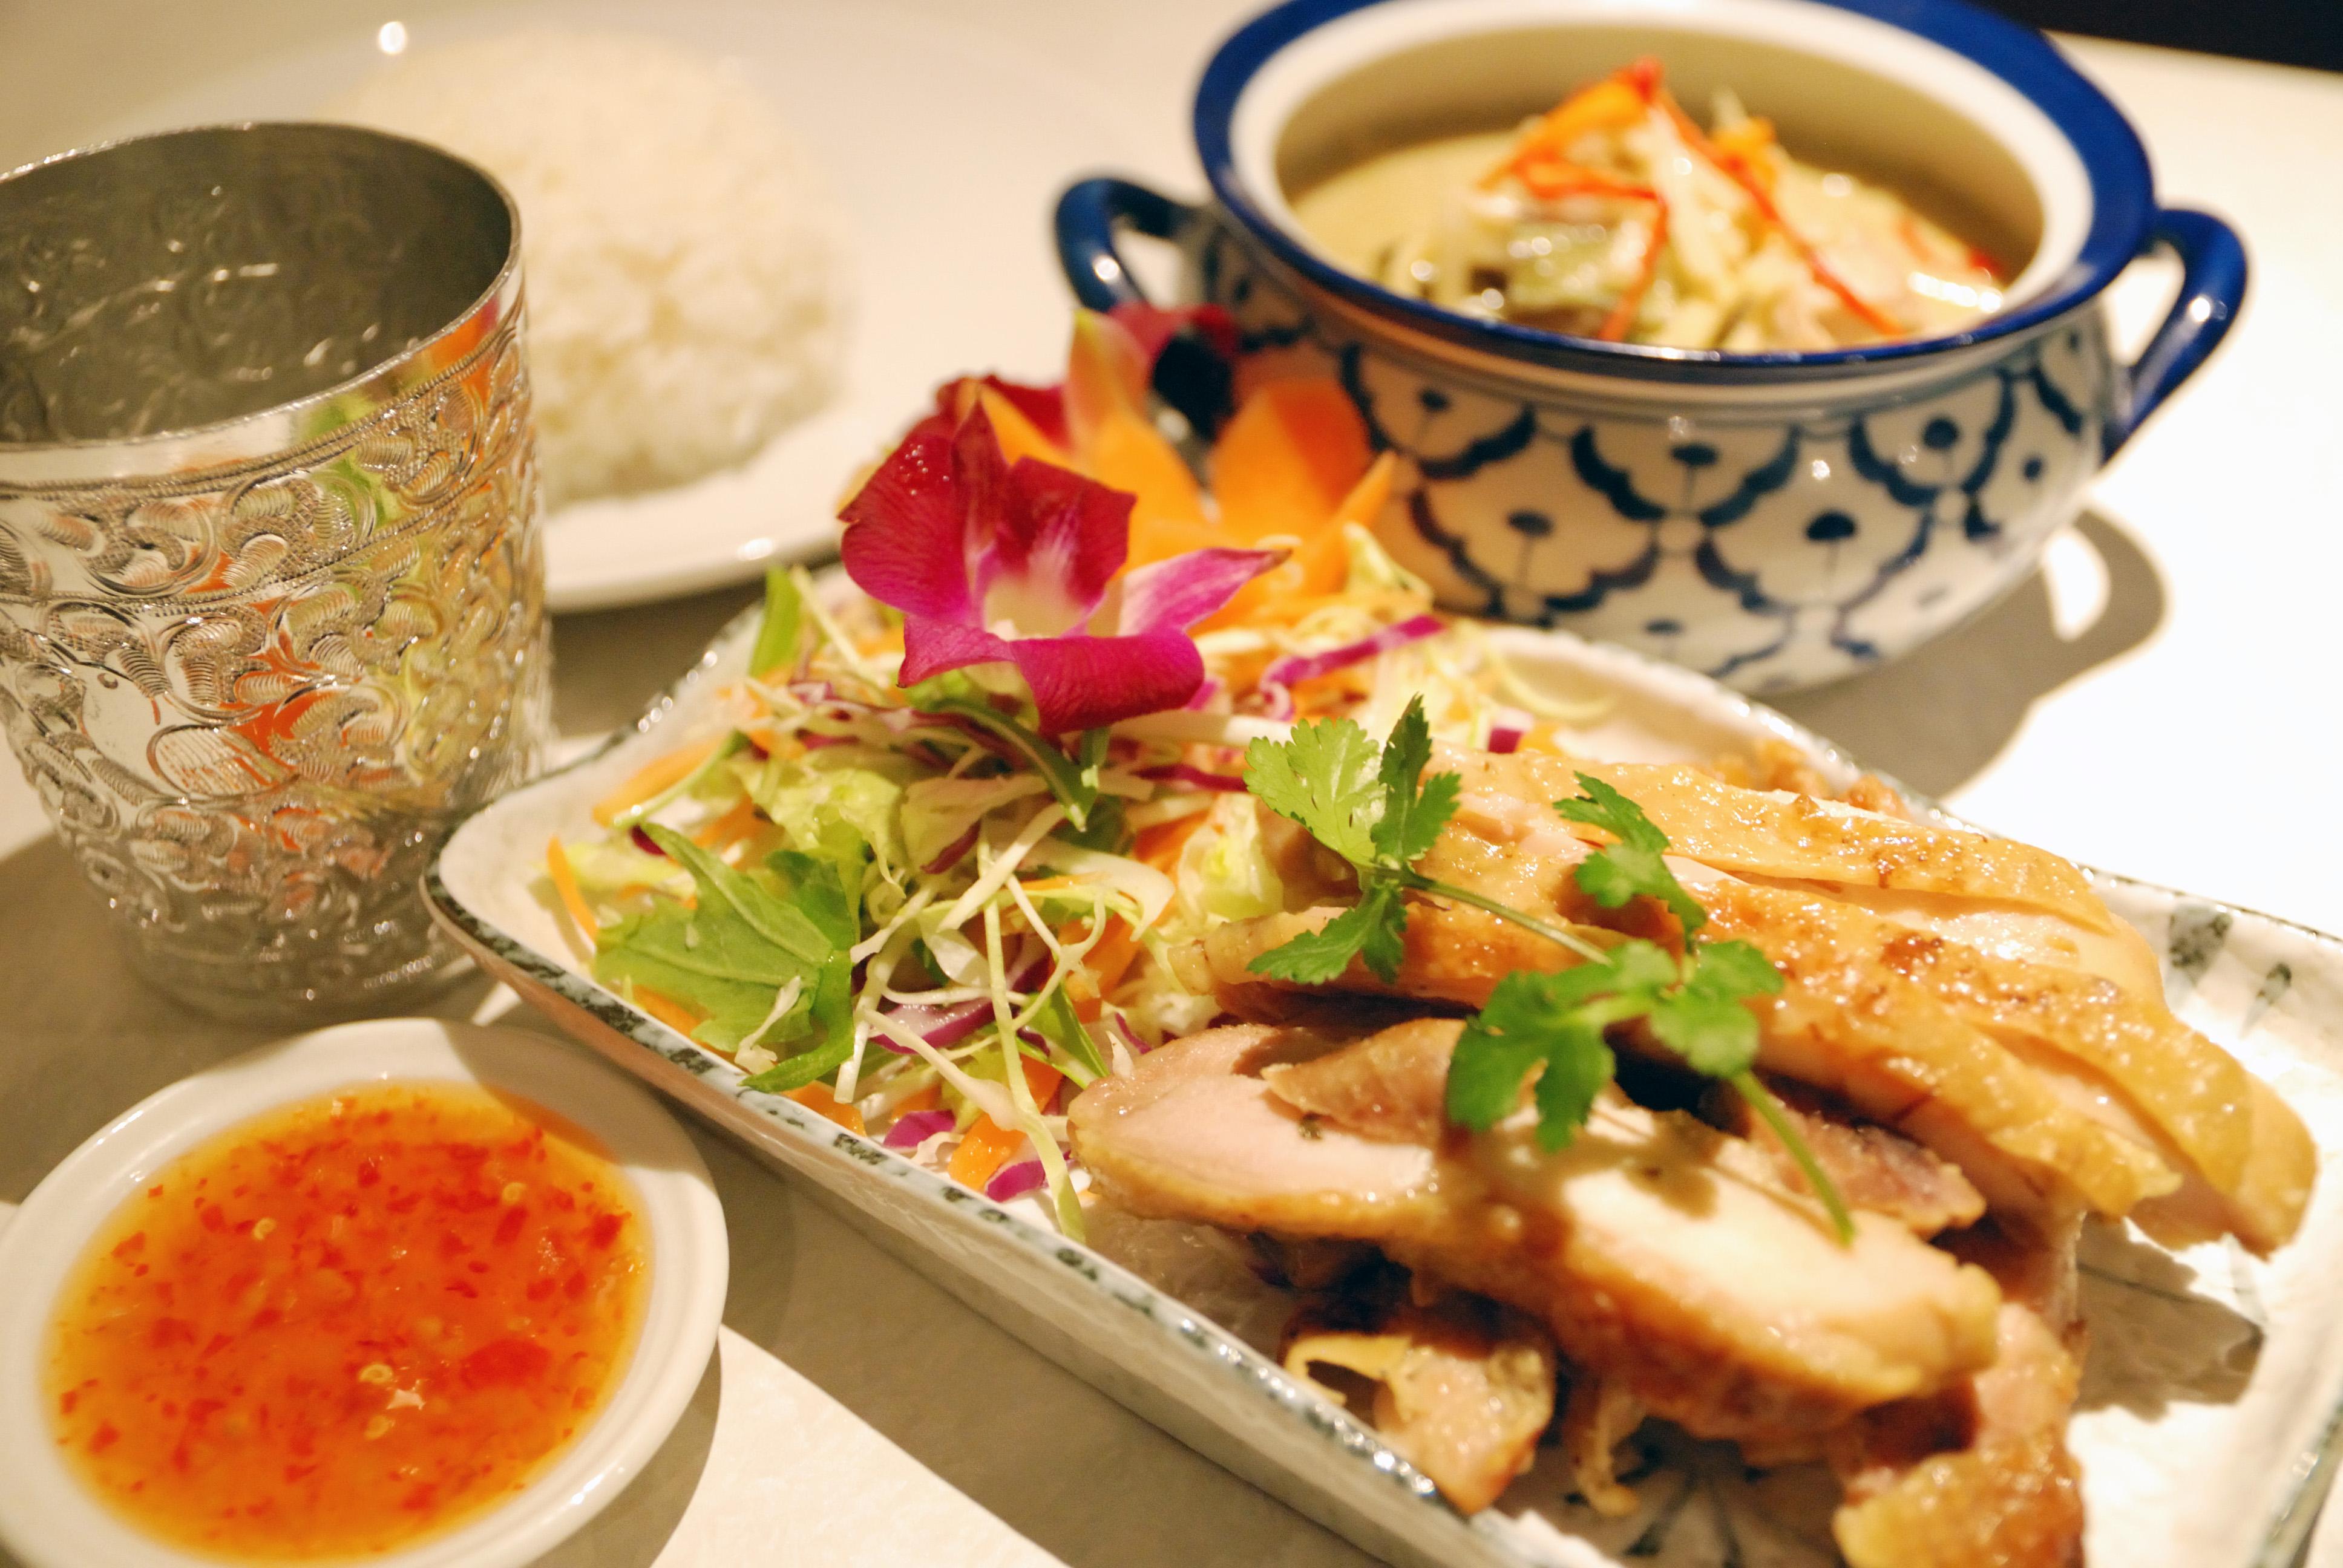 レストランにも負けない!おうちで楽しむ本格的タイ料理レシピ集♪のサムネイル画像